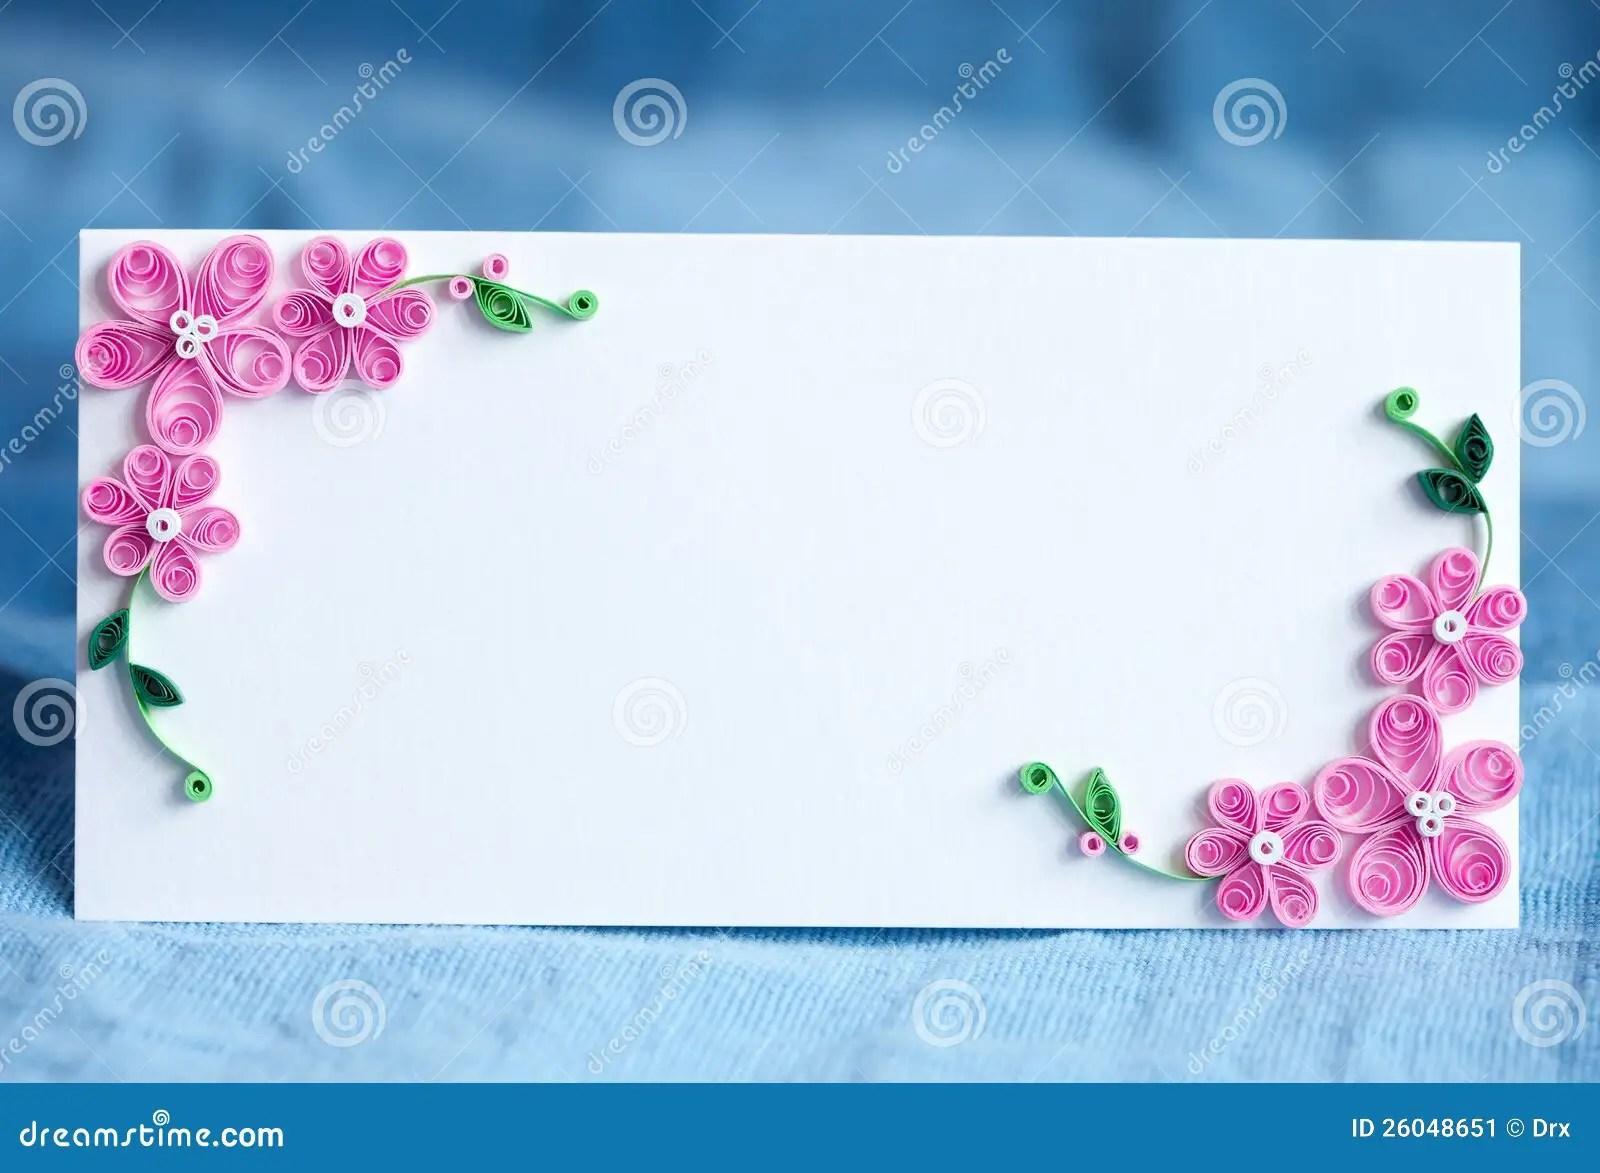 http mariage blog blogspot com 2016 03 carte d invitation pour un mariage html